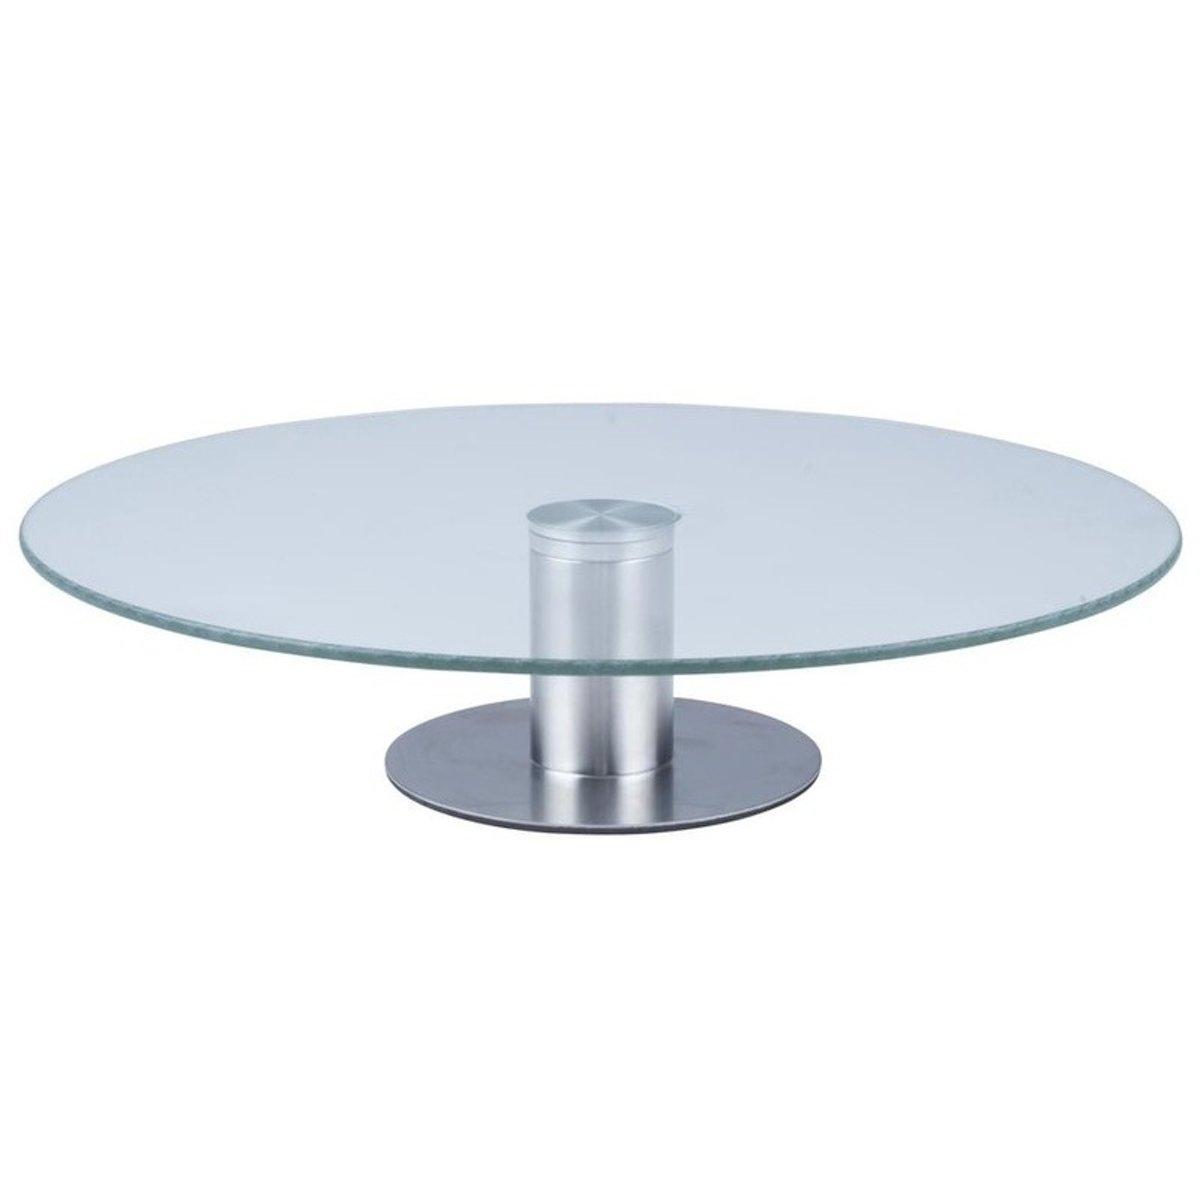 Glazen taartplateau met RVS voet - 30 x 7 cm - taartserveerschaal / standaard